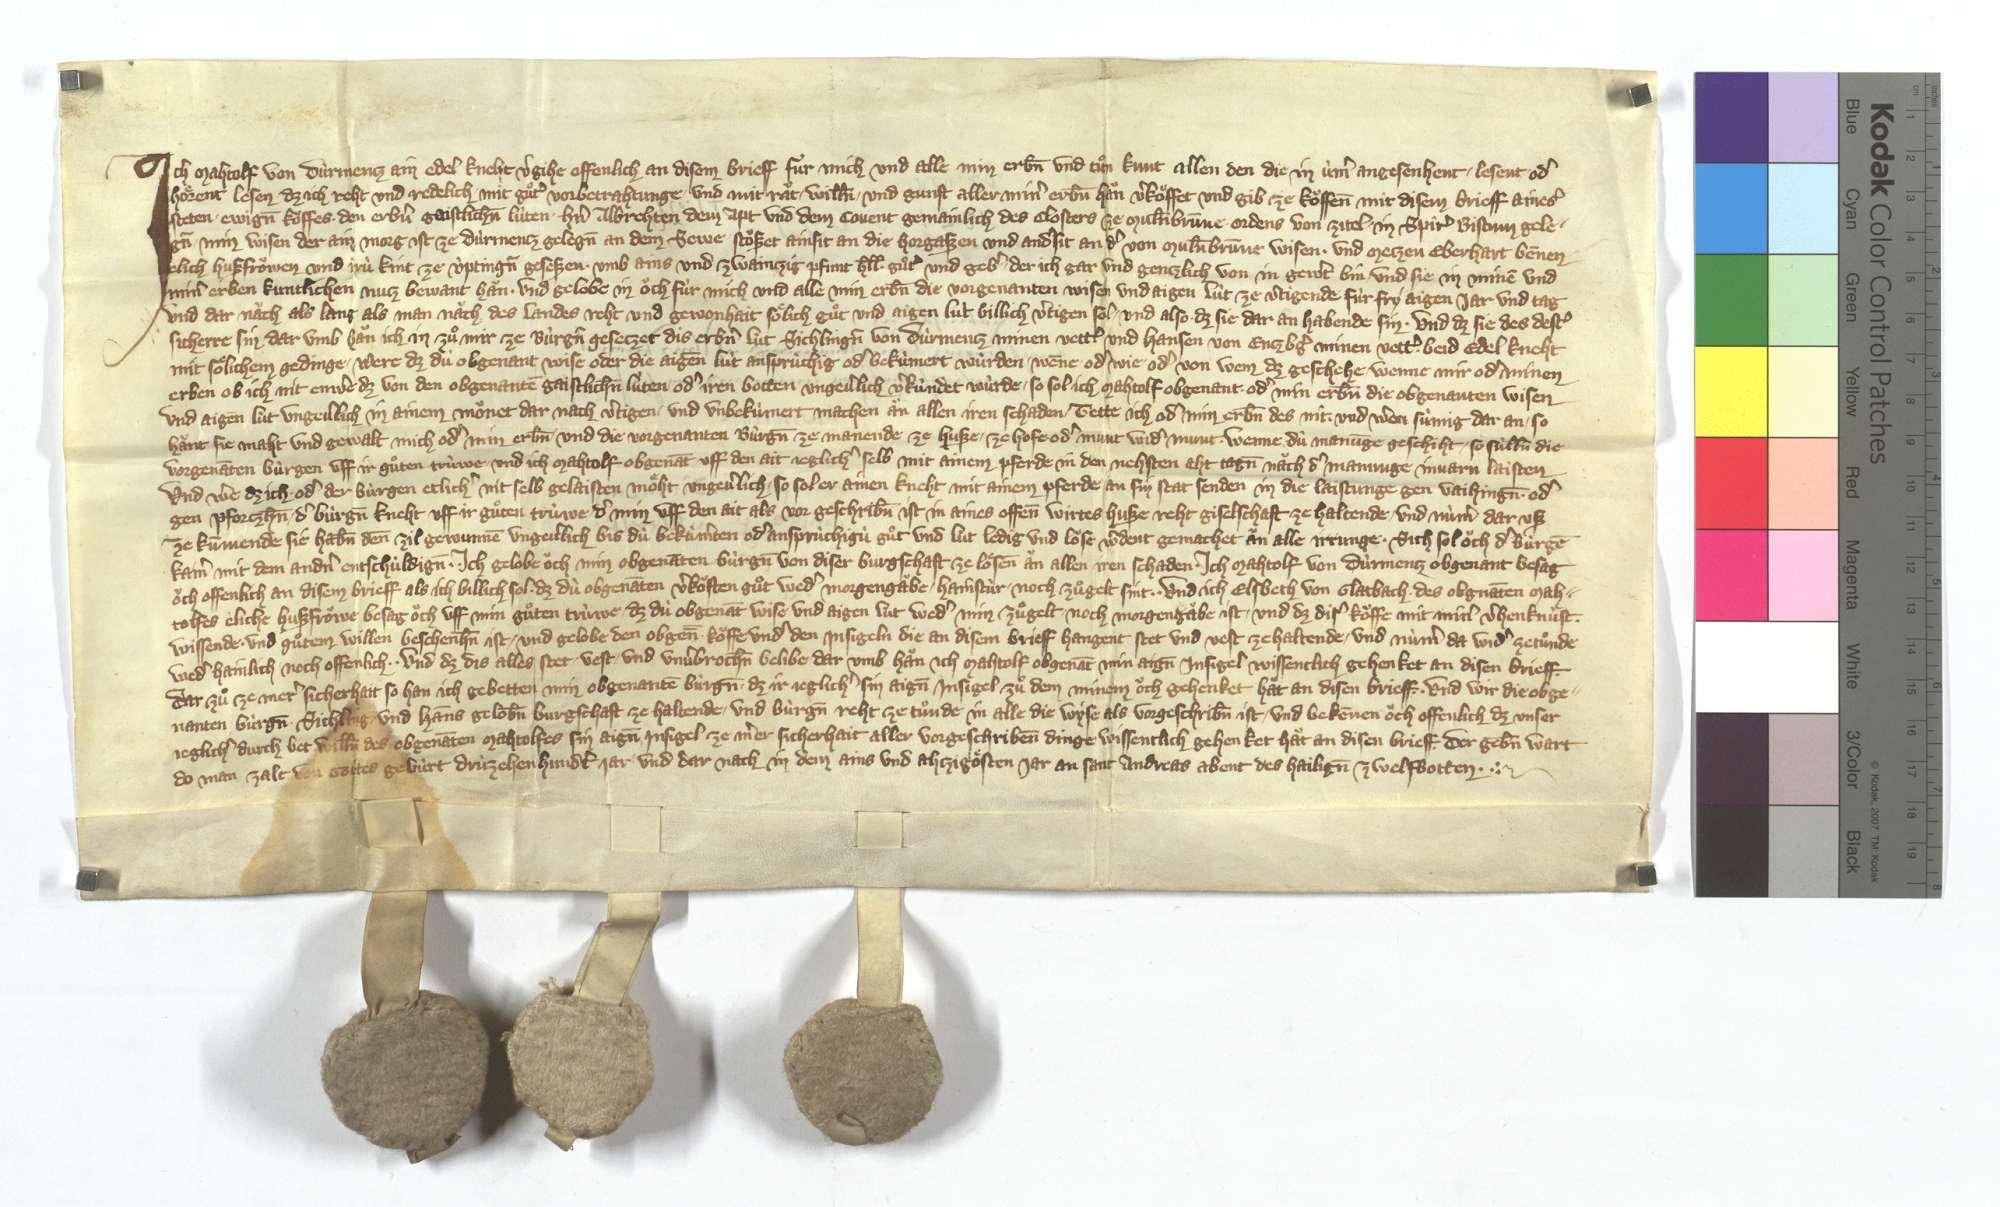 Machtolf von Dürrmenz verkauft dem Kloster Maulbronn eine Wiese in Dürrmenz und eine leibeigene Frau in Iptingen., Text